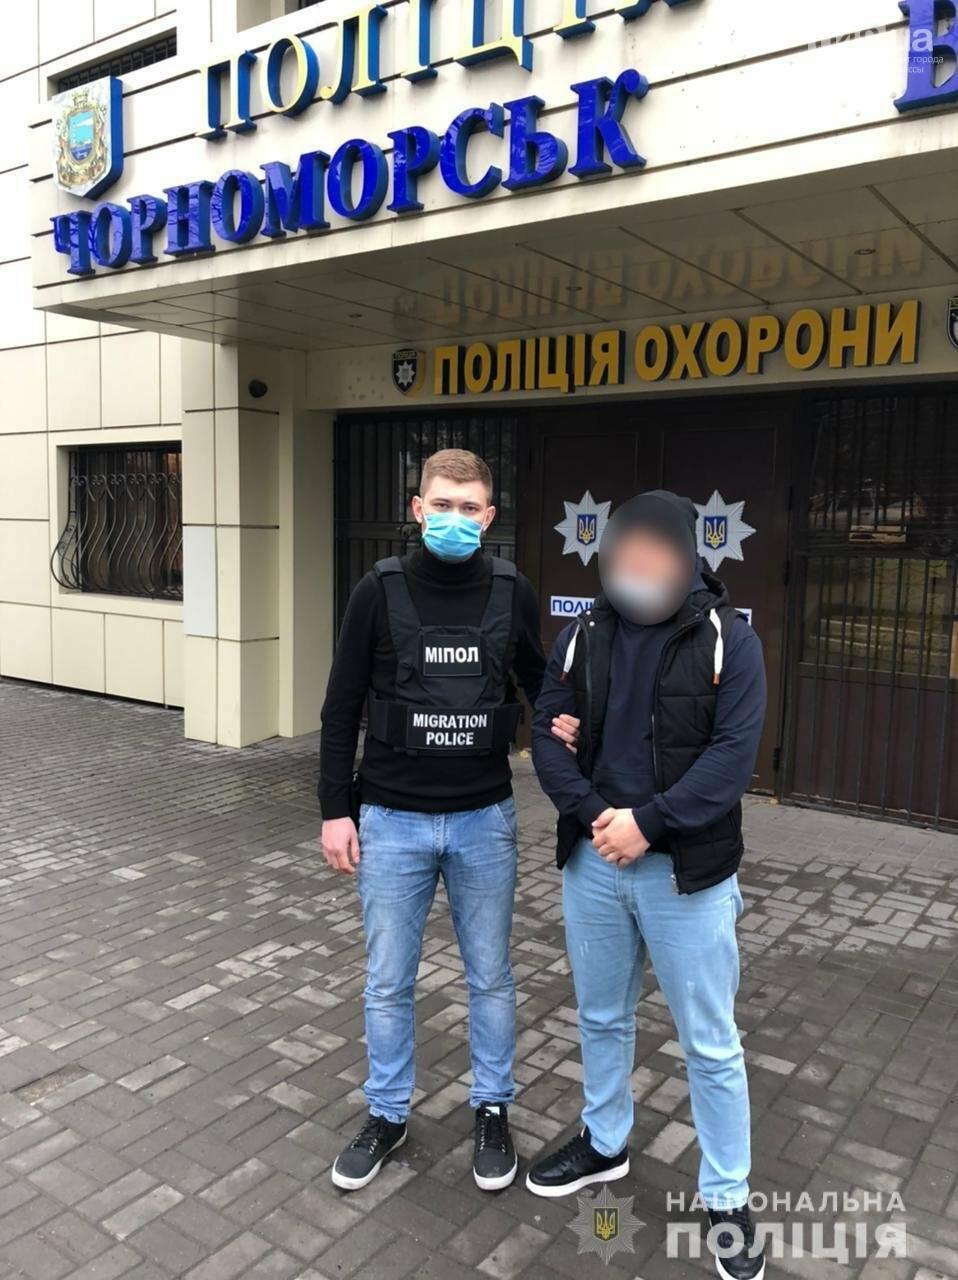 Одесские пограничники поймали вора-путешественника из Закавказья, - ФОТО, ВИДЕО, фото-1